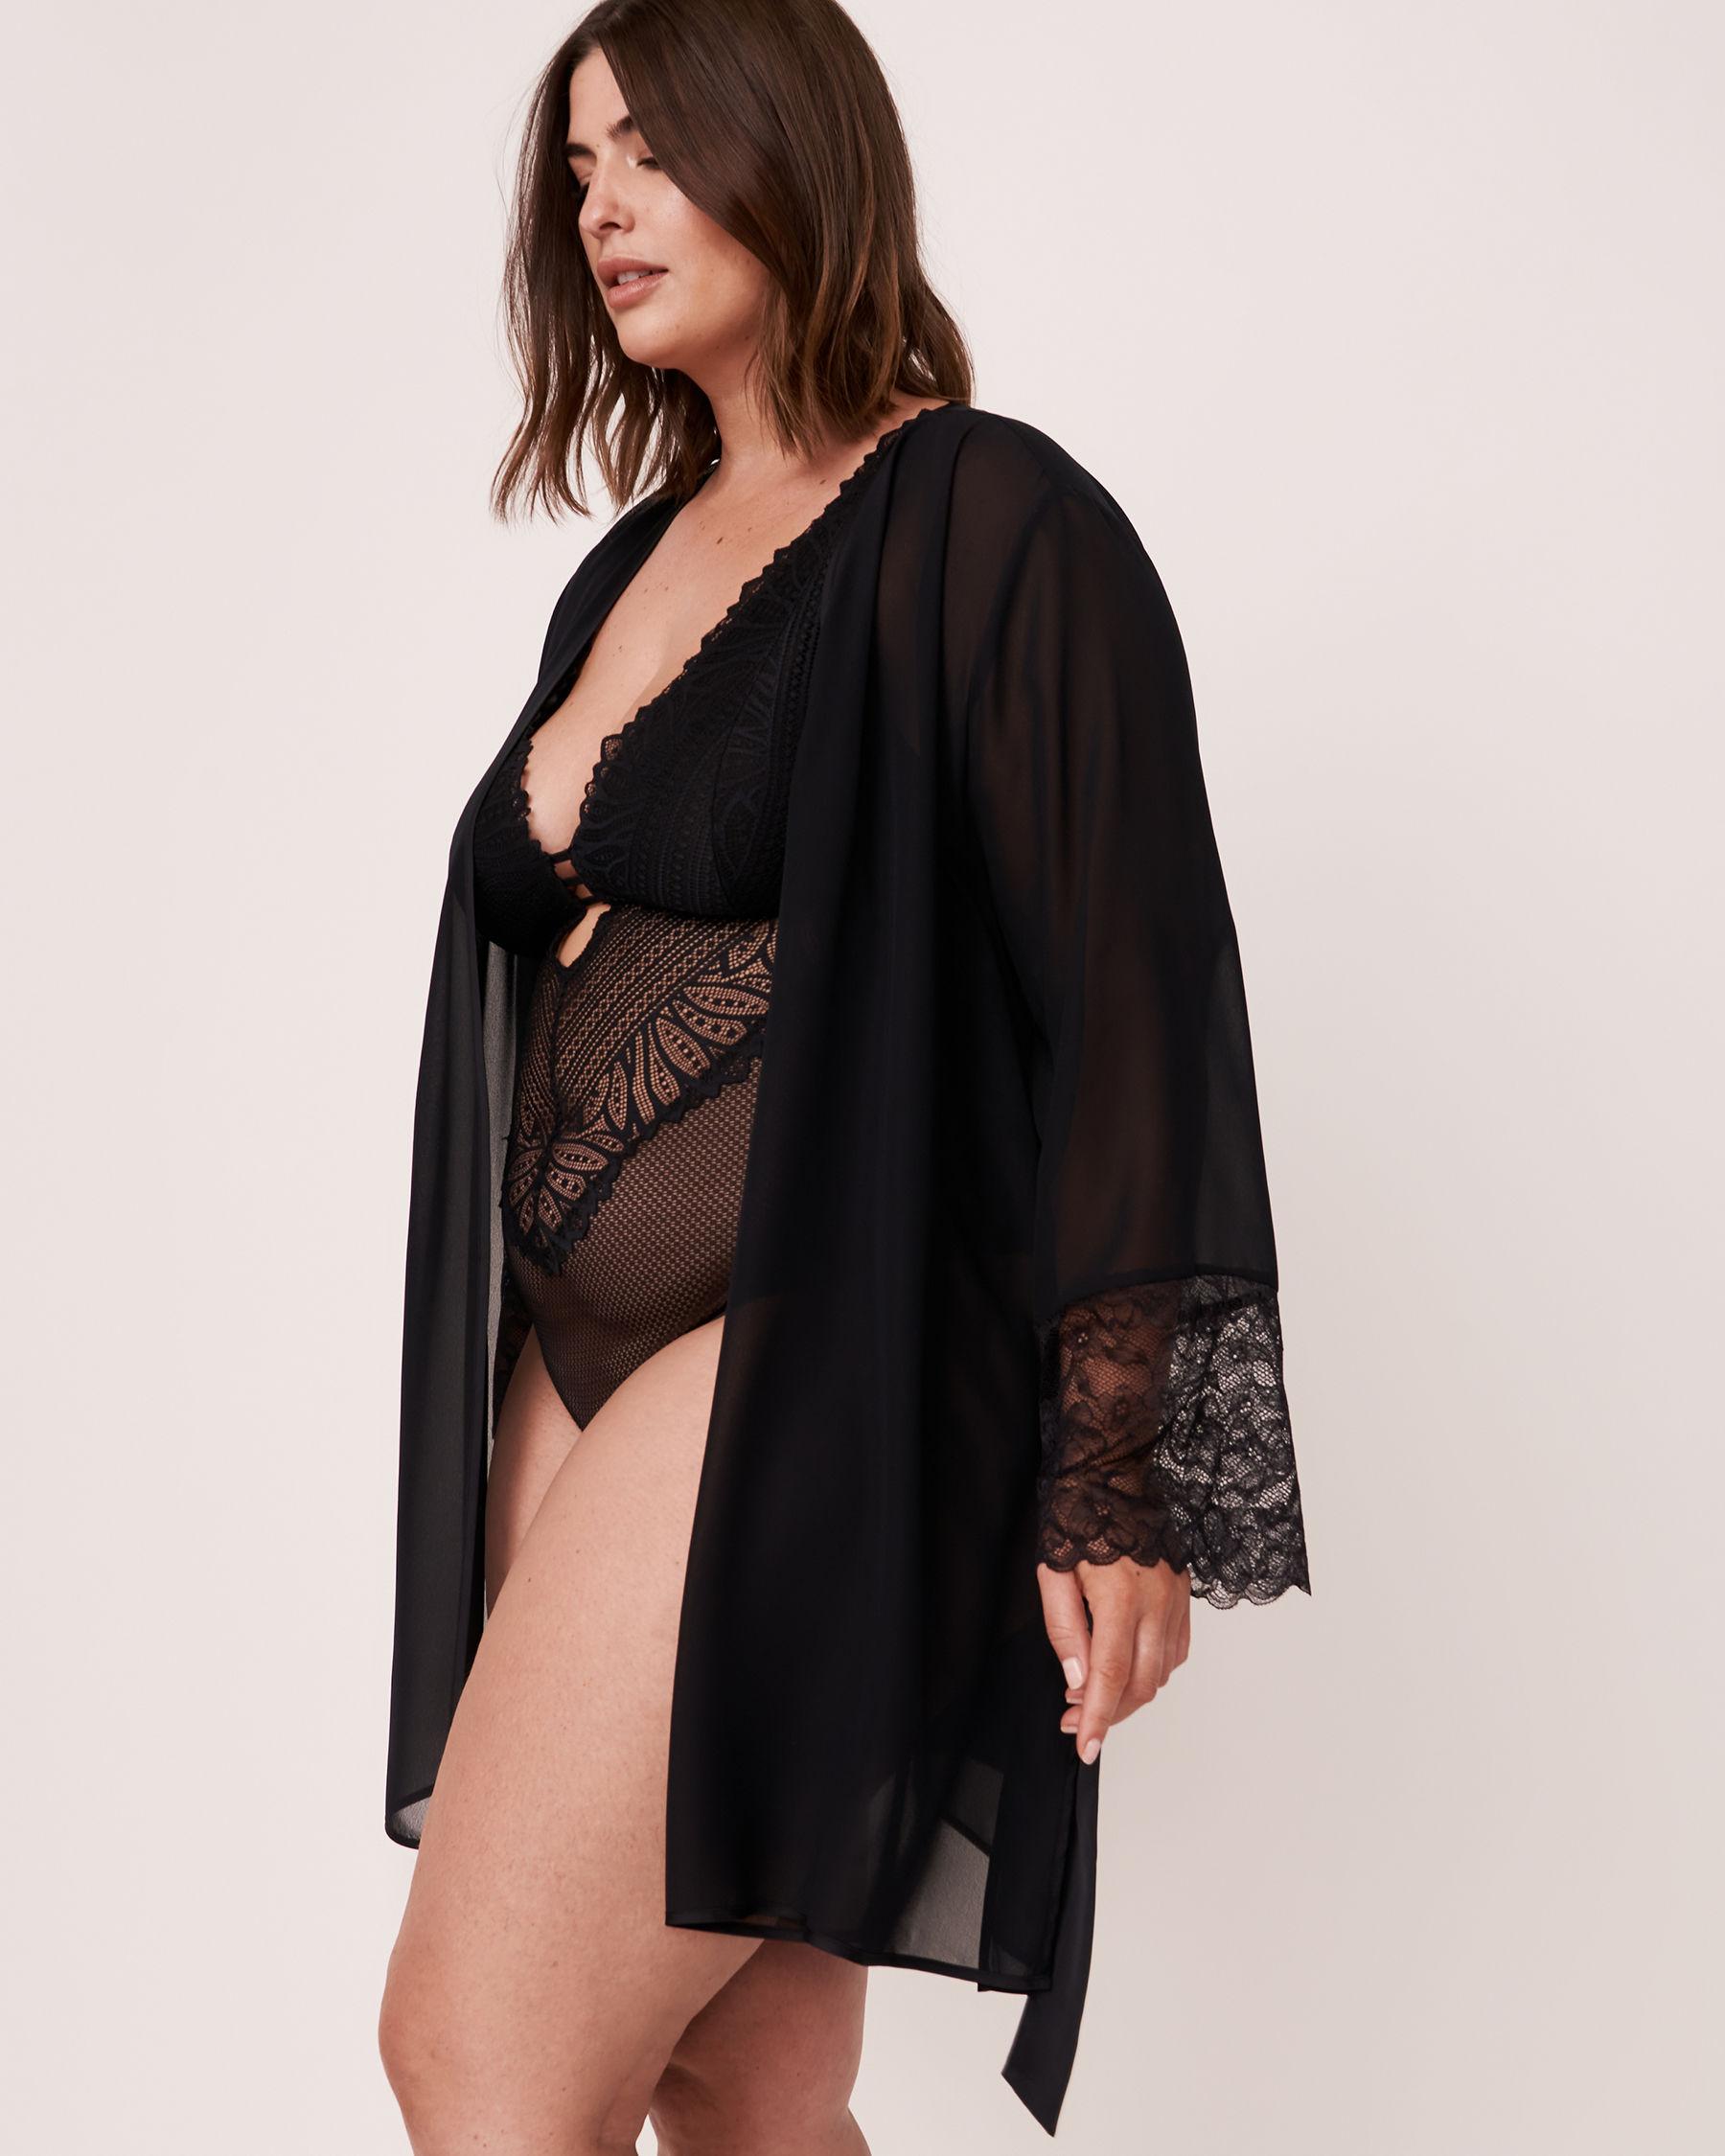 LA VIE EN ROSE Lace Trim Kimono Black 60600006 - View4